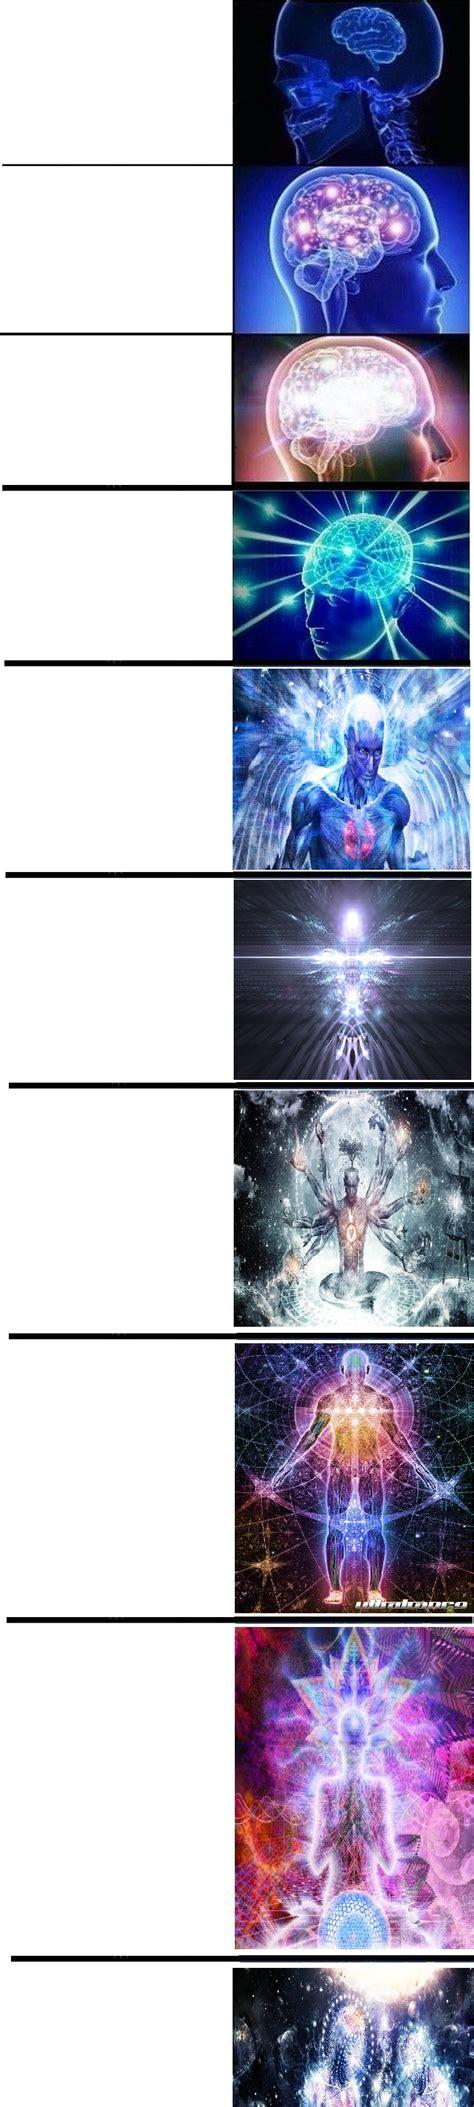 Brain Meme Generator - meme template search imgflip